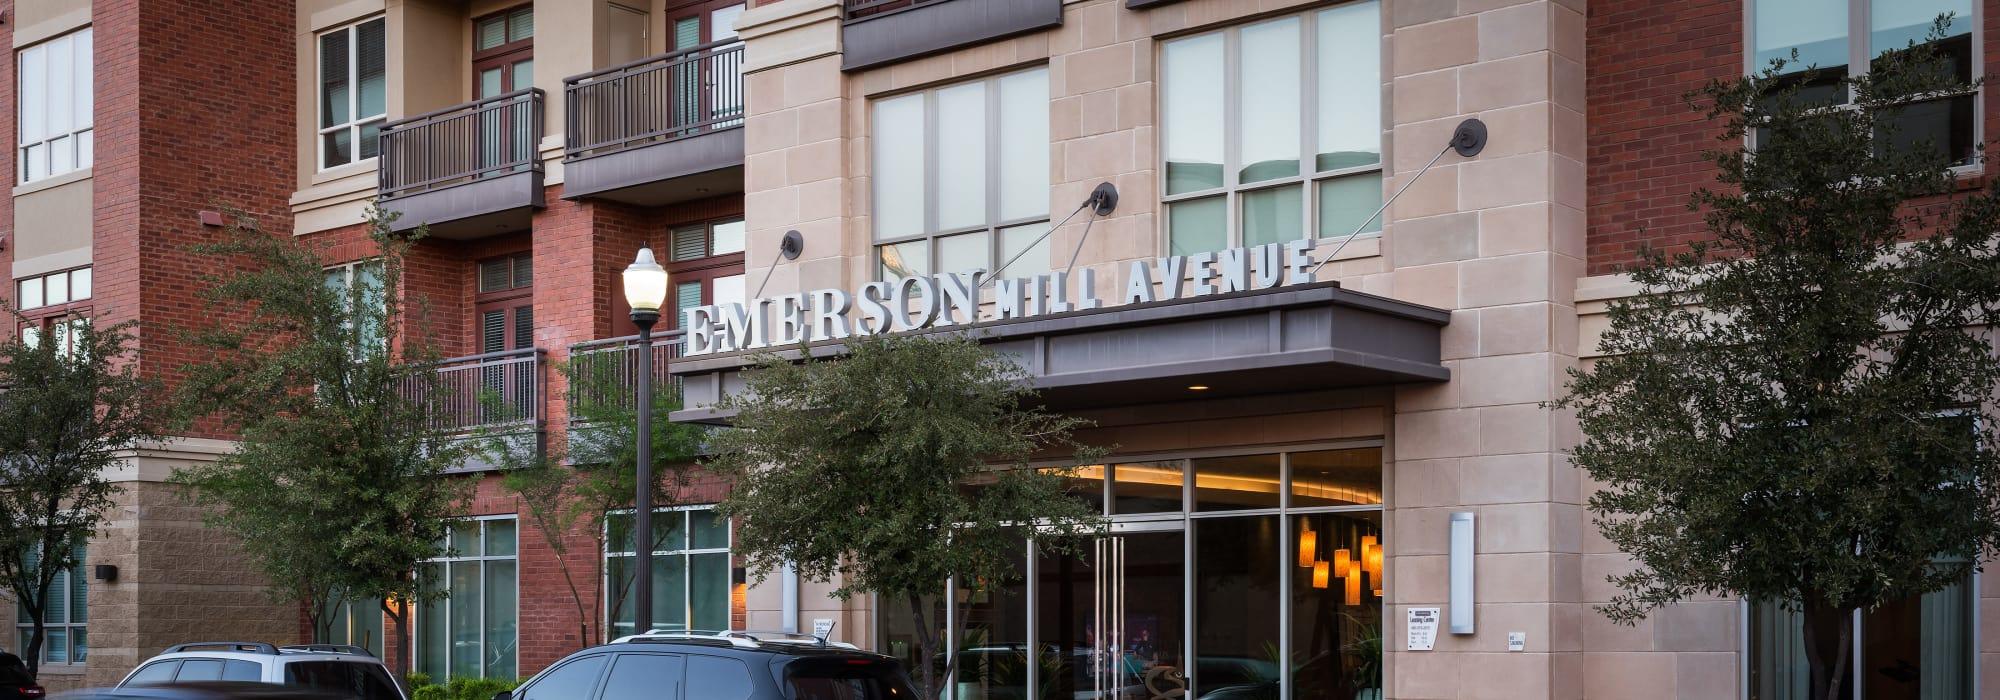 Entrance to Emerson Mill Avenue in Tempe, Arizona